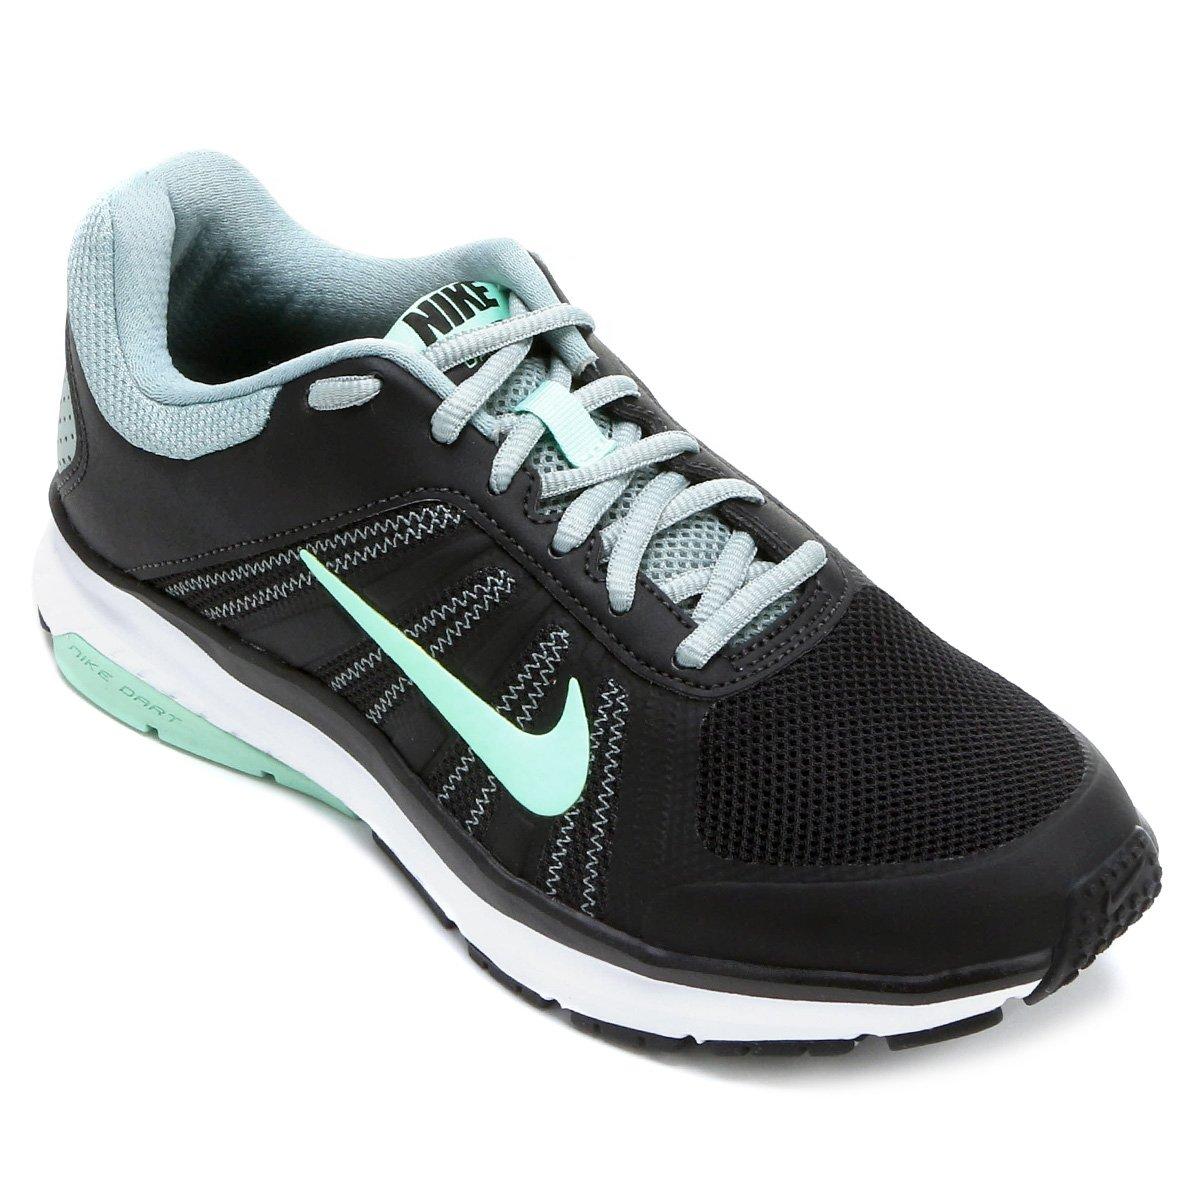 Tênis Nike Dart 12 MSL Feminino - Preto e Verde Água - Compre Agora ... a4418d2cb1f